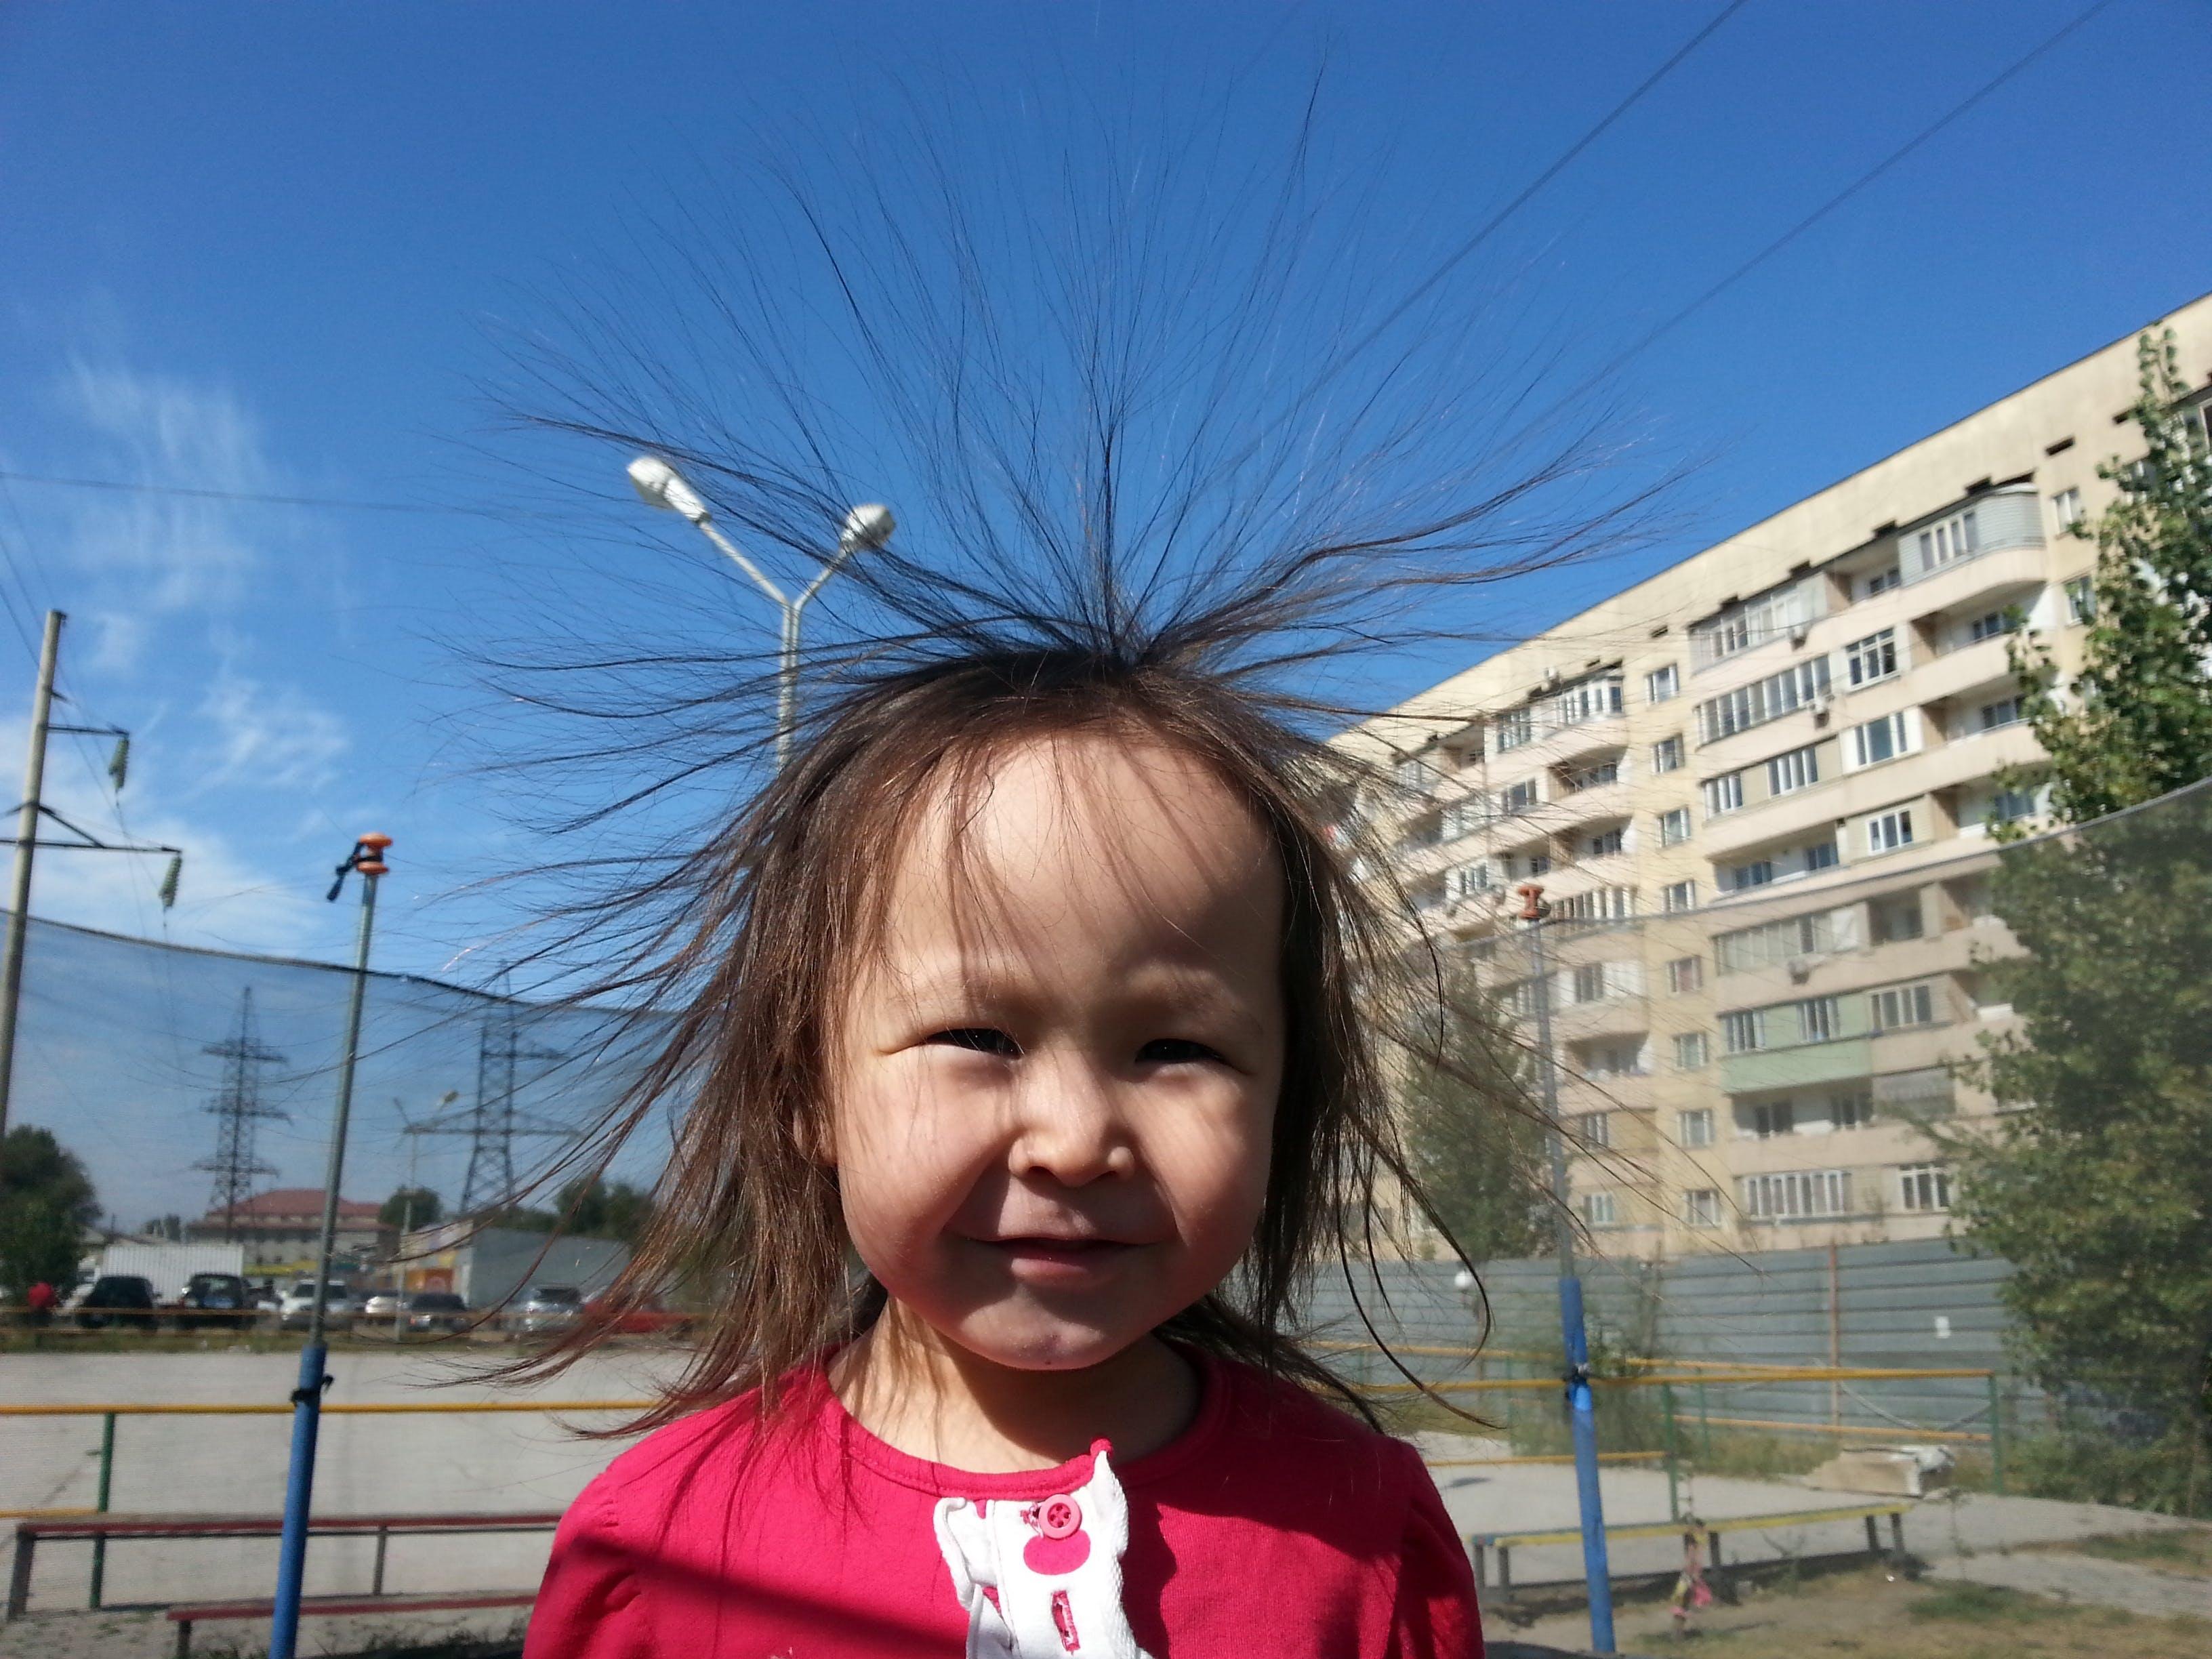 Statische elektriciteit: Waardoor wordt mijn haar statisch?